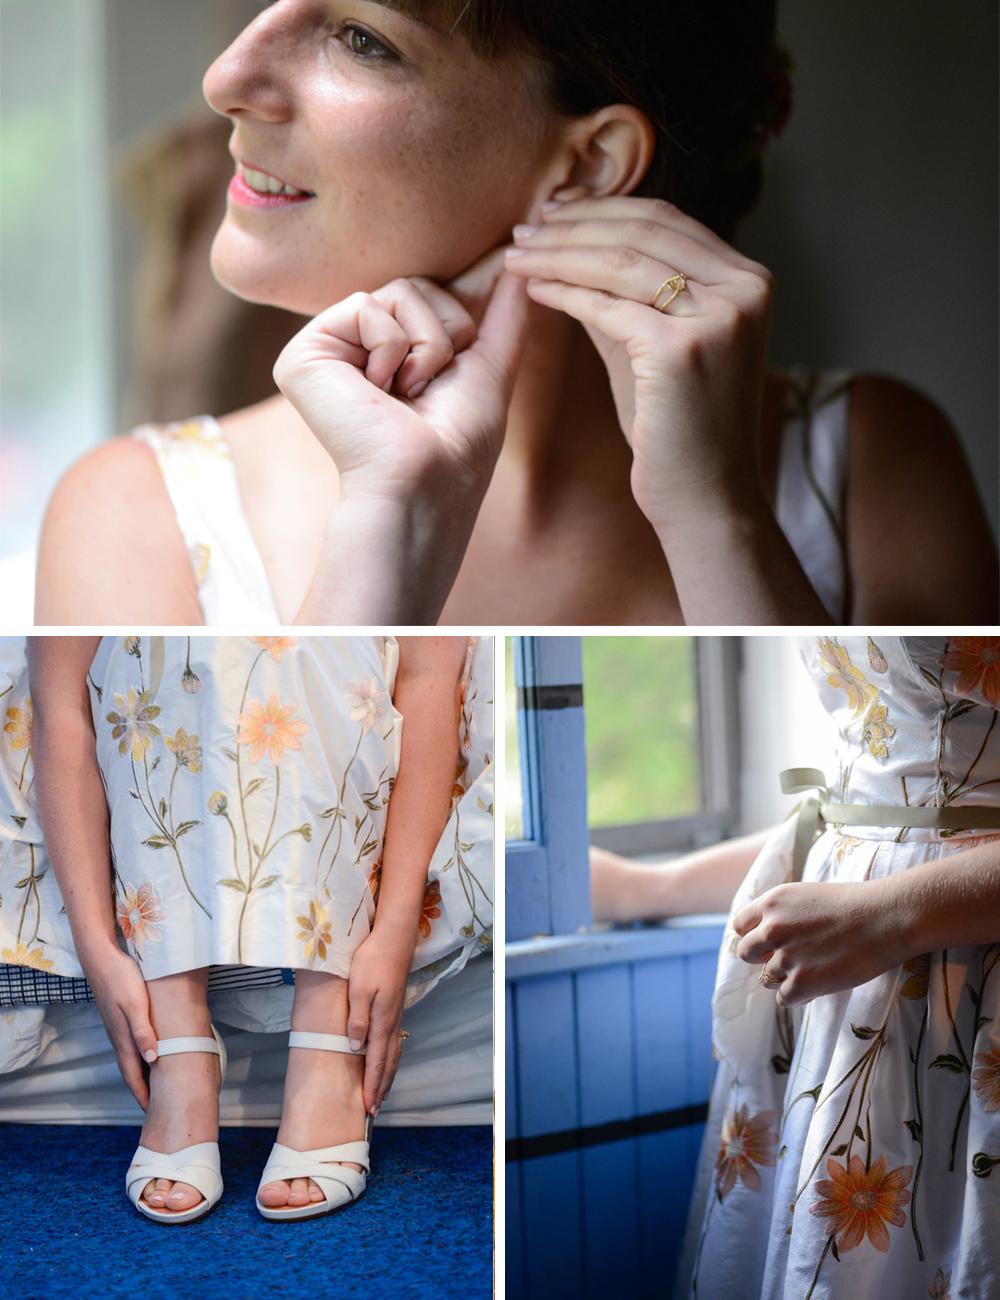 Handmade DIY wedding getting ready